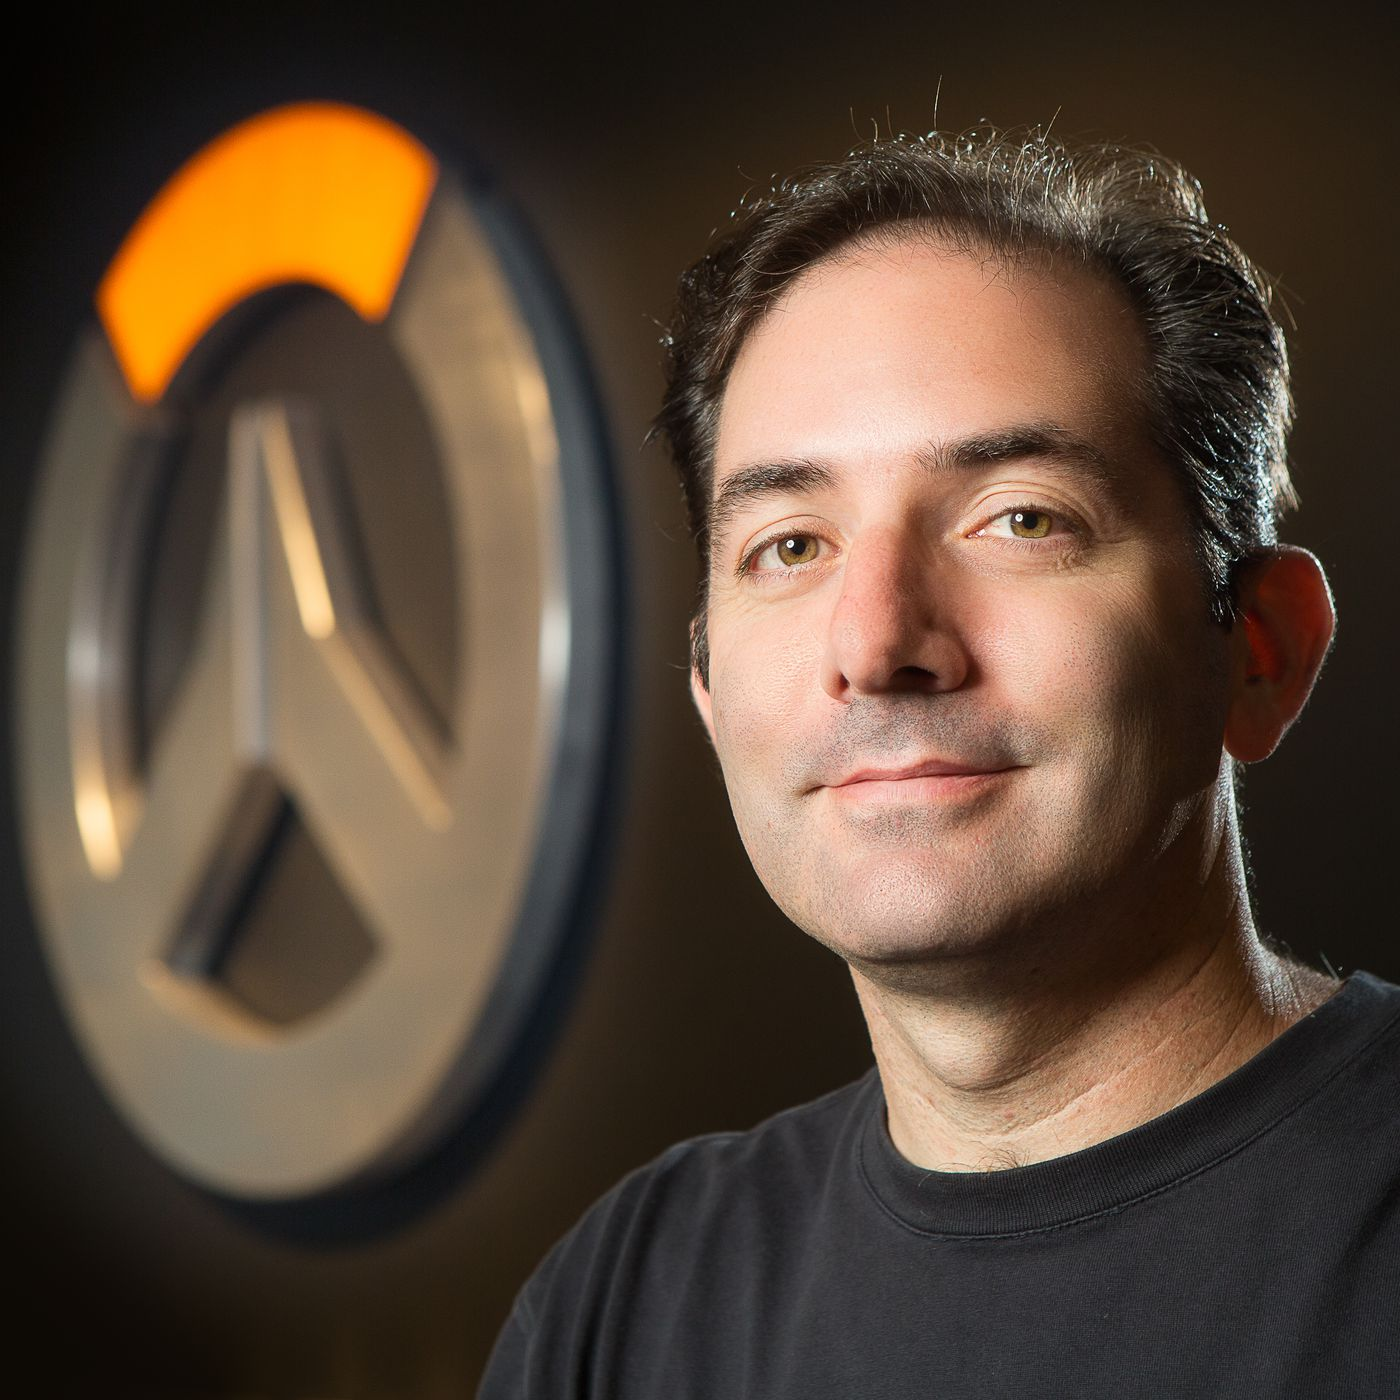 El director del juego de Overwatch, Jeff Kaplan, deja Blizzard Entertainment - Polygon